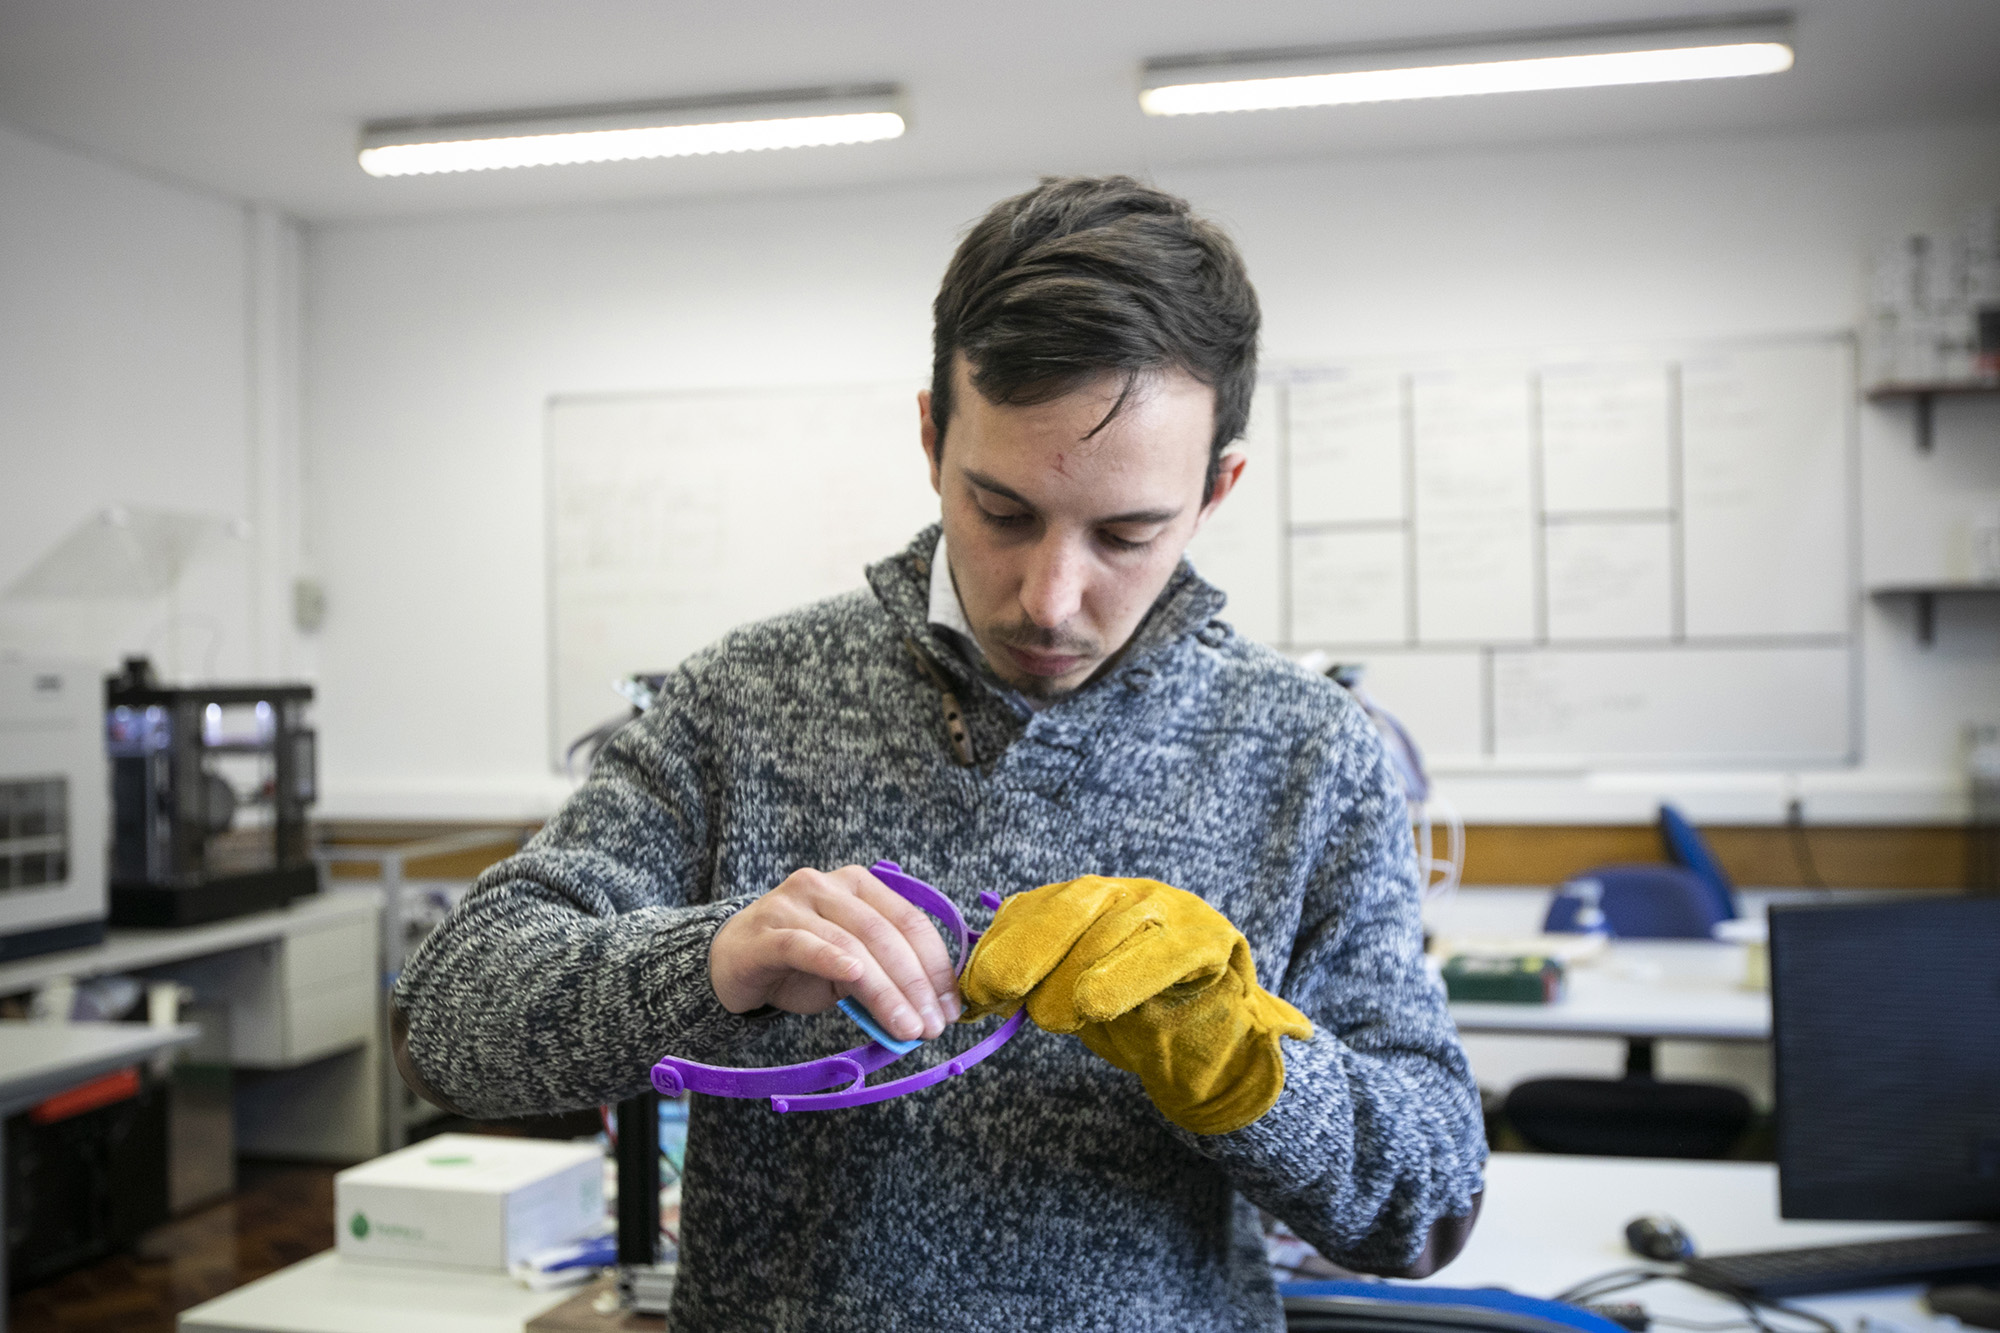 Instituto Superior Técnico imprime viseiras de proteção em 3D para doar aos hospitais durante a pandemia - 27MAR20